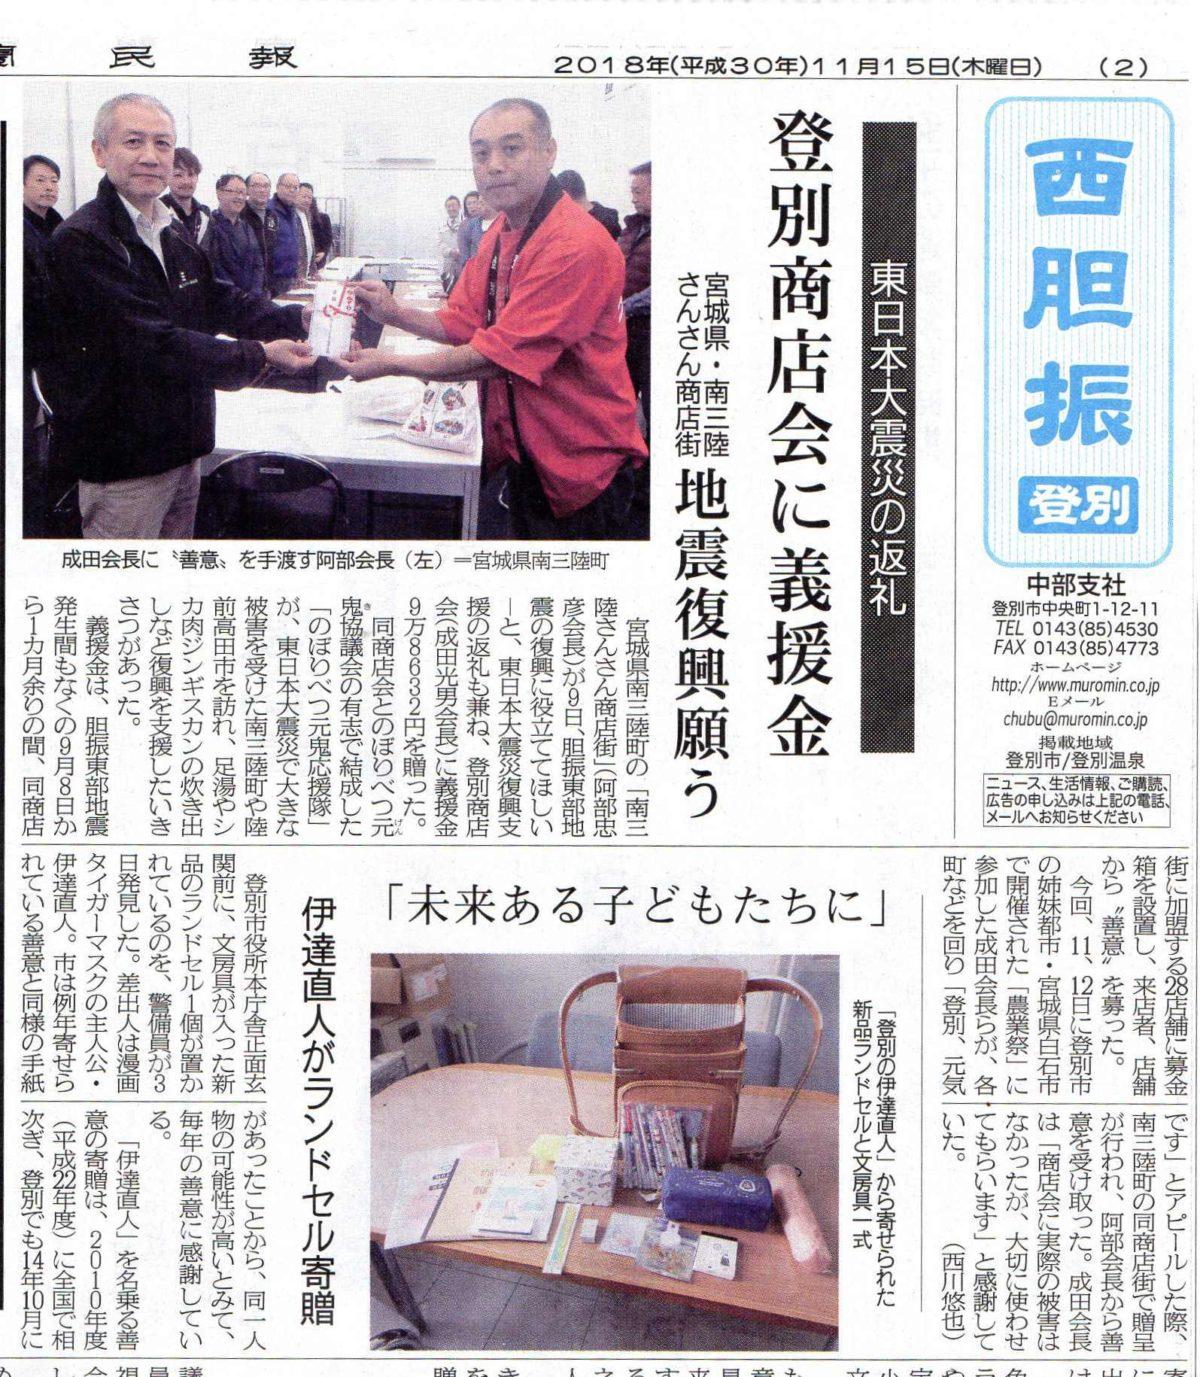 昨日11月15日(木)の『室蘭民報』登別版にさんさん商店街の記事が掲載されました!